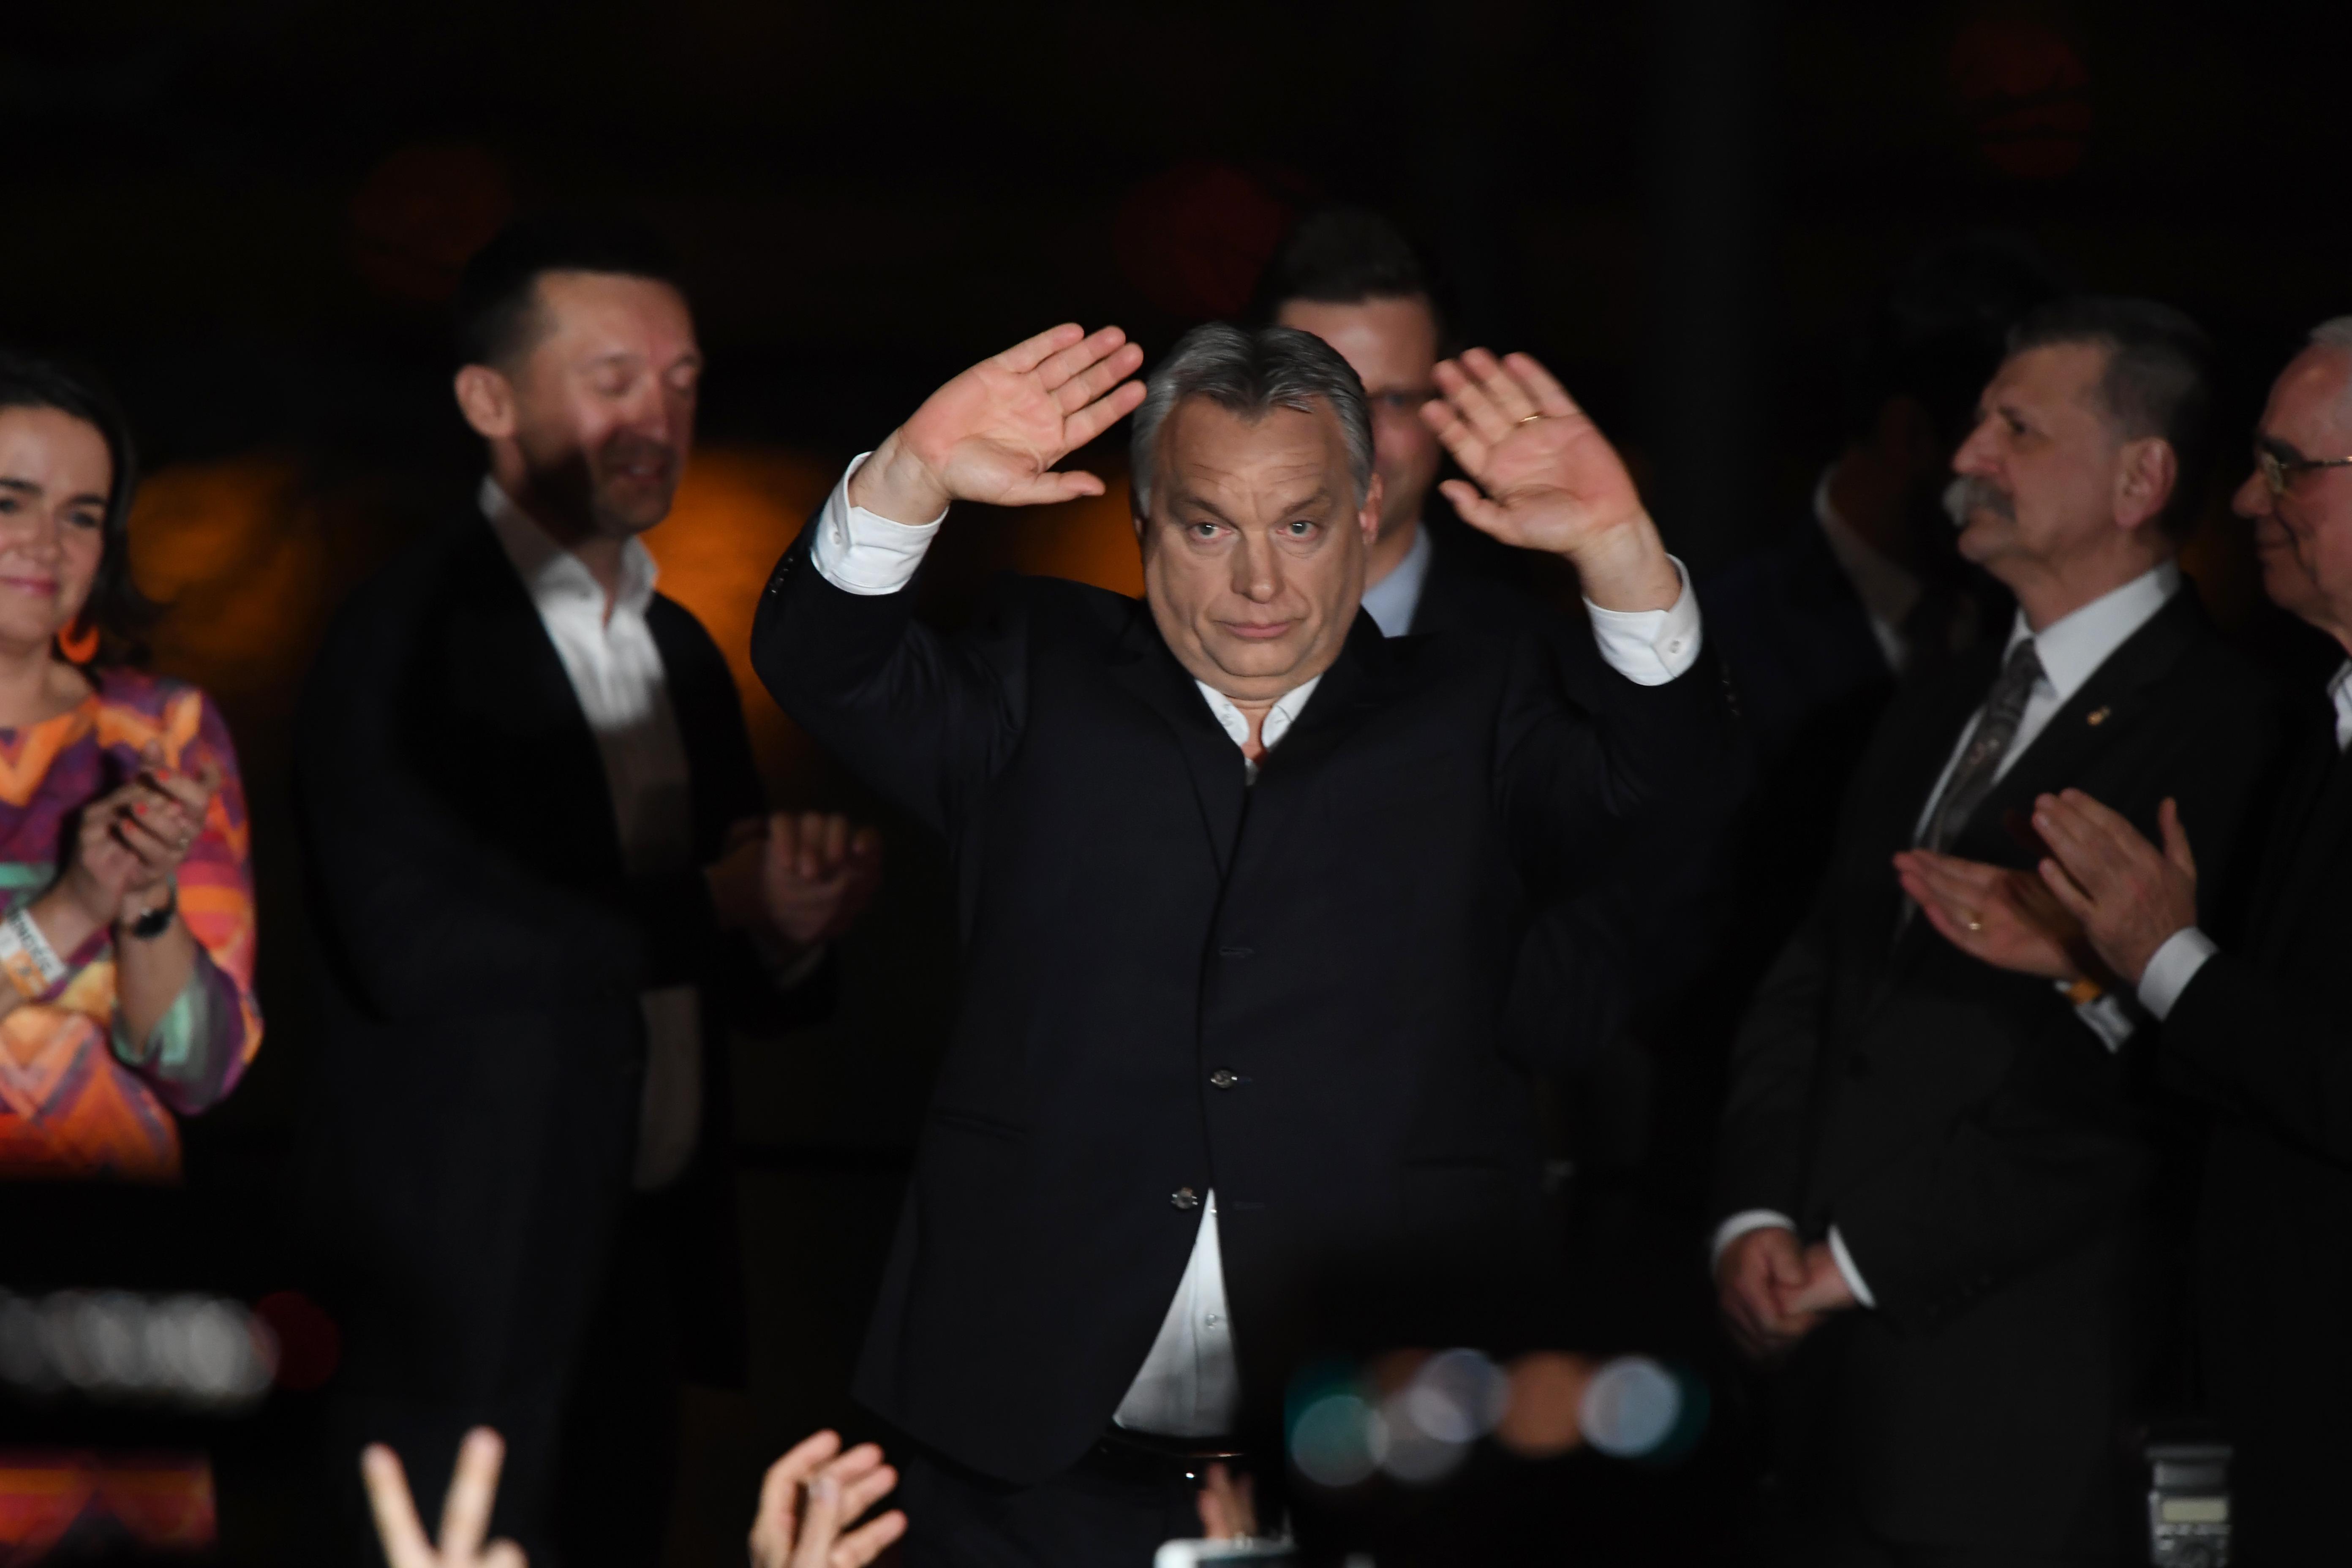 Mongólia, a Seychelles-szigetek, Azerbajdzsán és Albánia vezetői is gratuláltak Orbánnak